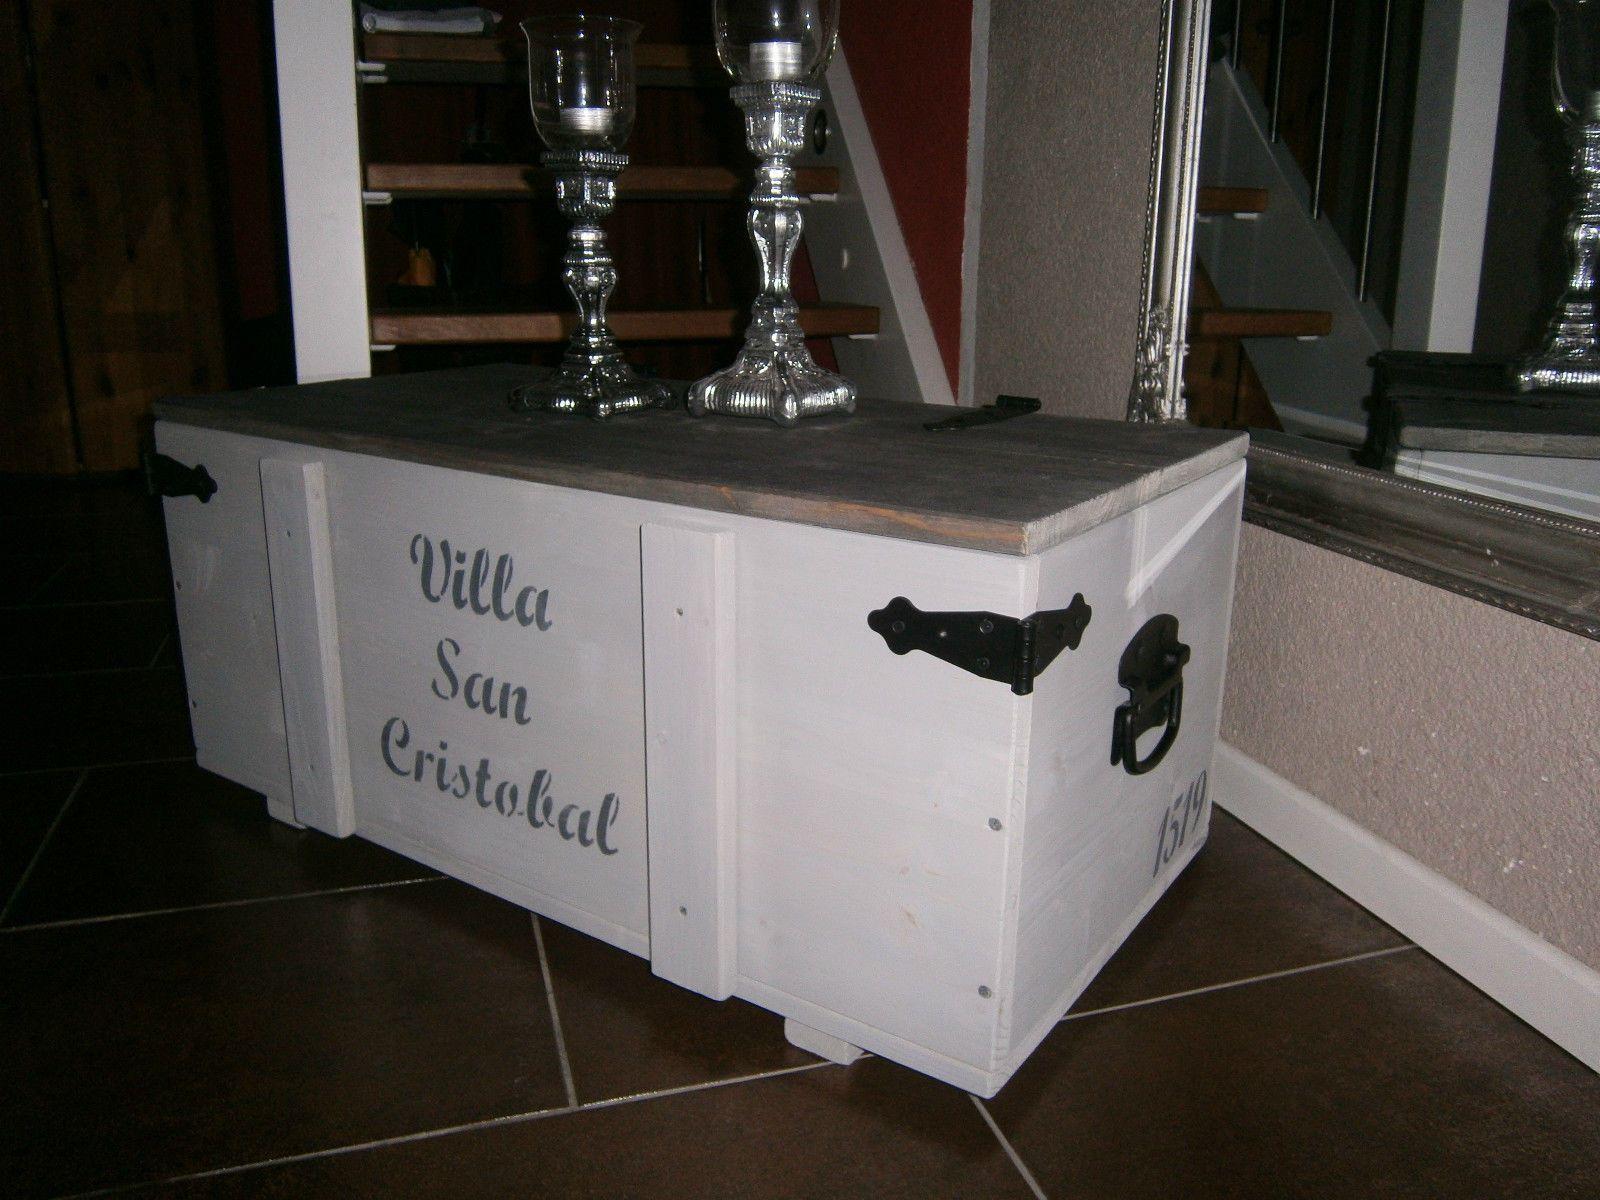 Couchtisch Truhe Tisch Kiste Frachtkiste Holz Kuba Cuba Havanna ...